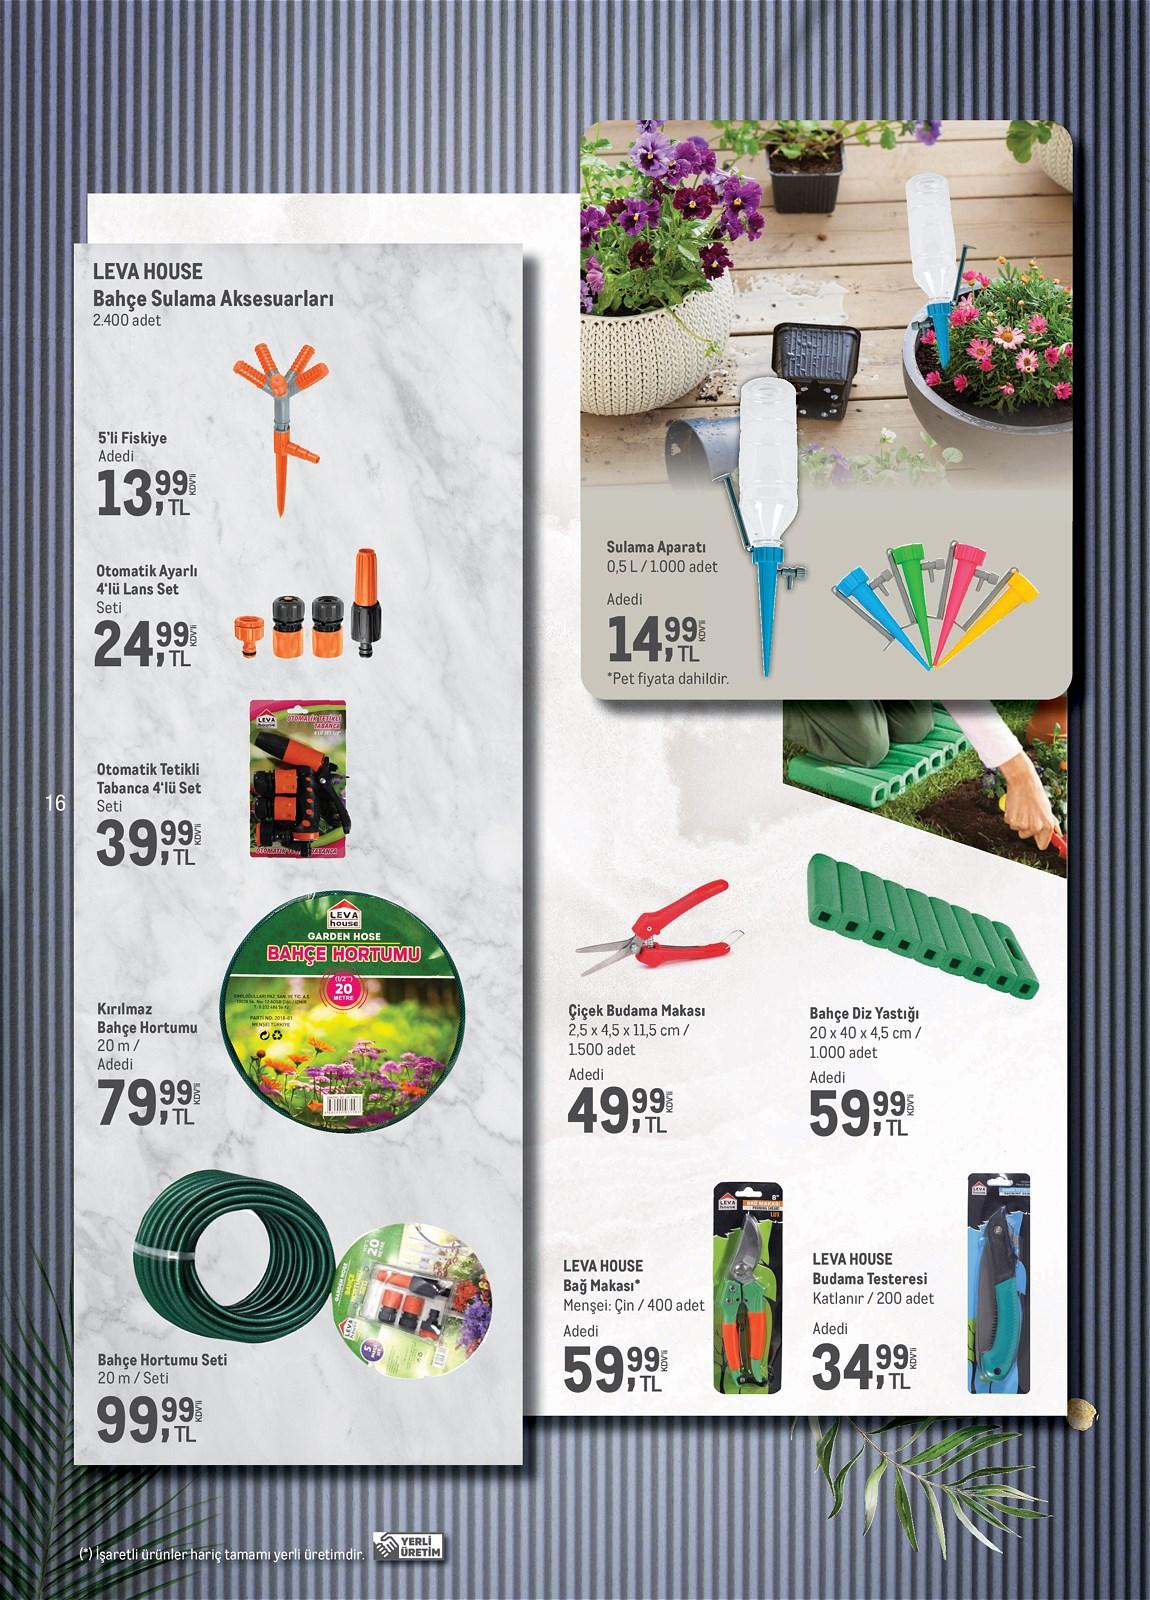 01.04.2021 Metro broşürü 16. sayfa